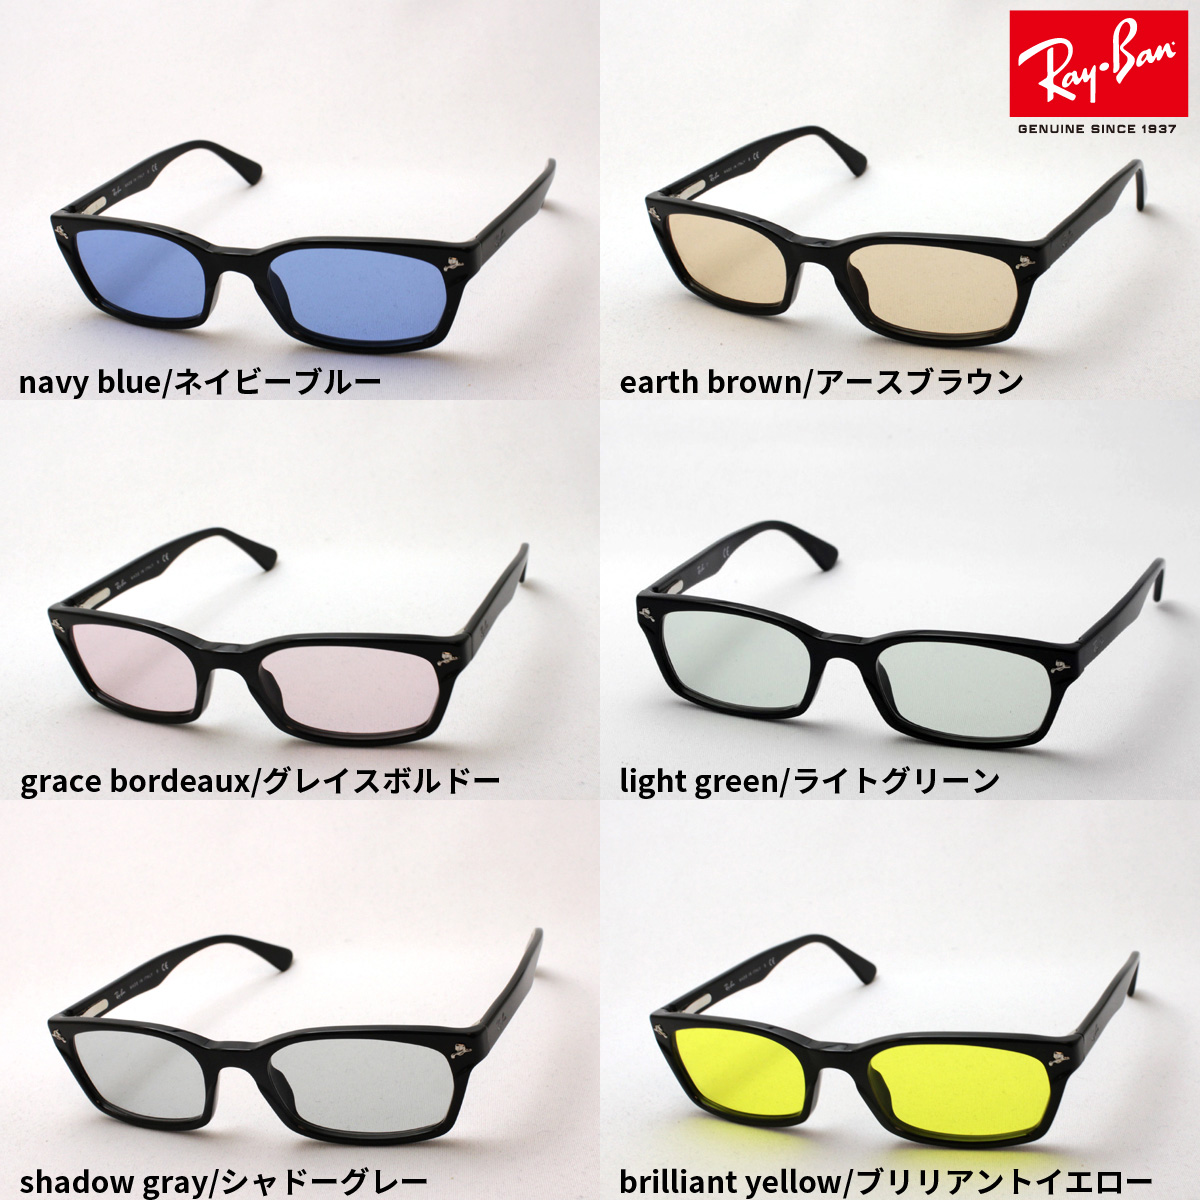 正規レイバン 日本最大級の品揃え レイバン サングラス Ray-Ban RX5017A 2000 世界最高峰レンズメーカーHOYA製 ブルー ライトカラー レディース メンズ メガネ メガネフレーム RayBan light color スクエア